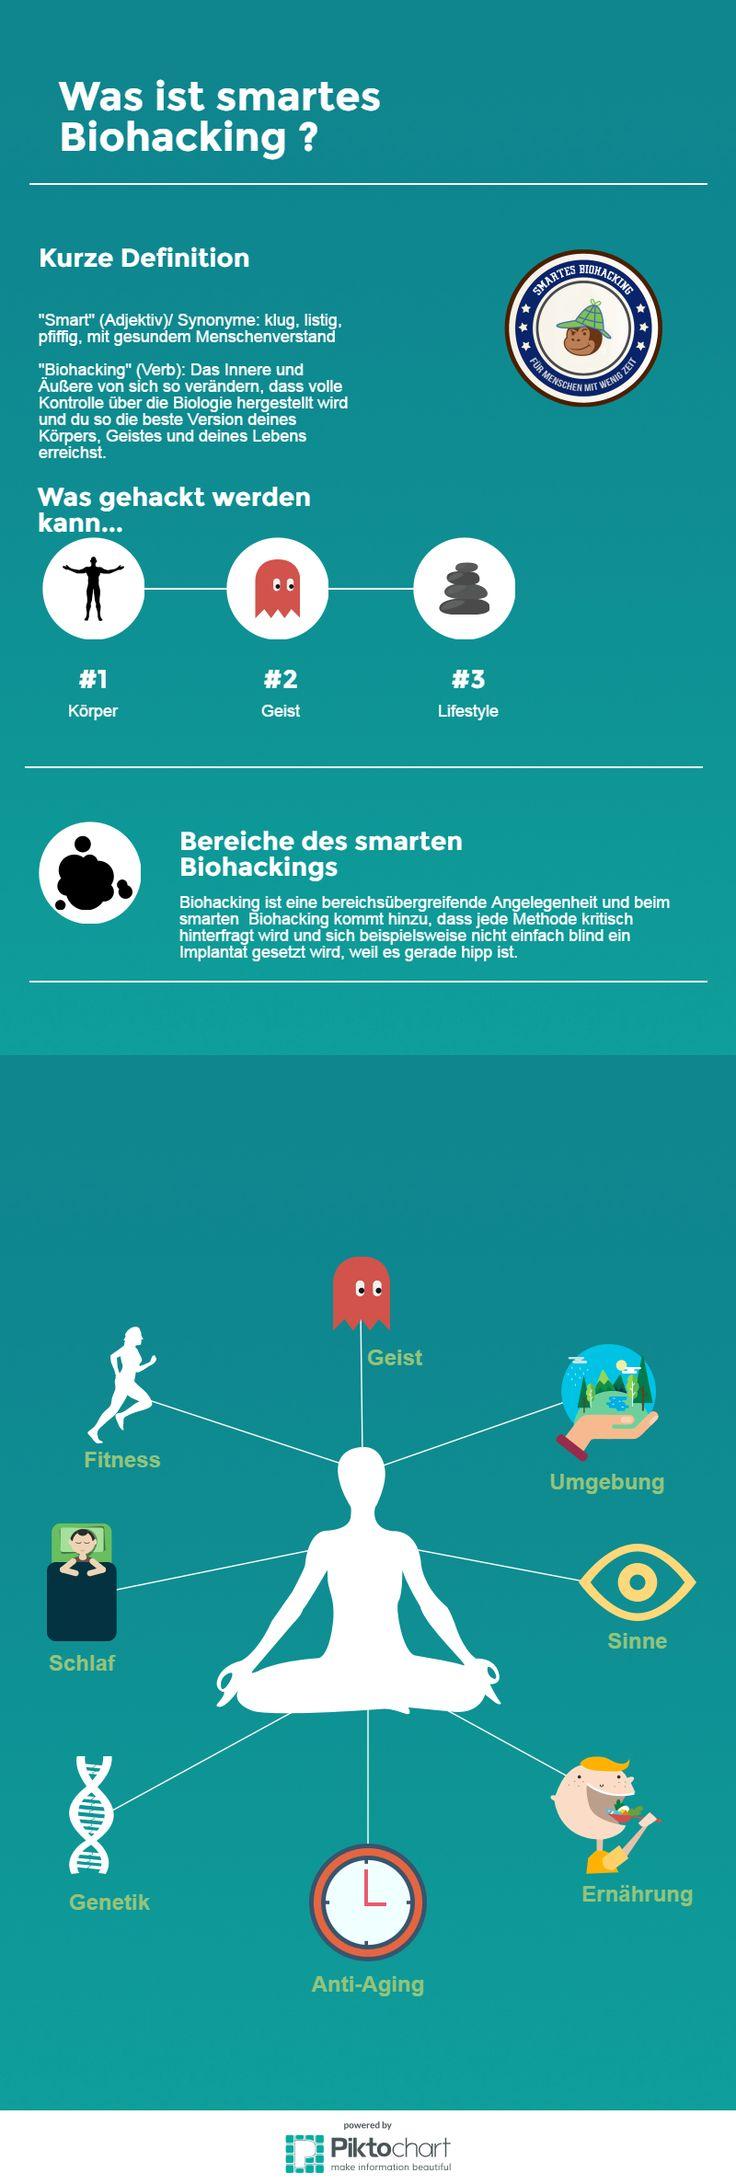 Biohacking wird oft mit Transhumanismus gleichgesetzt. Diese Infographik entstand für den Artikel, der sich die Definition etwas genauer anschaut. Einfach auf das Bild klicken und weiterlesen...